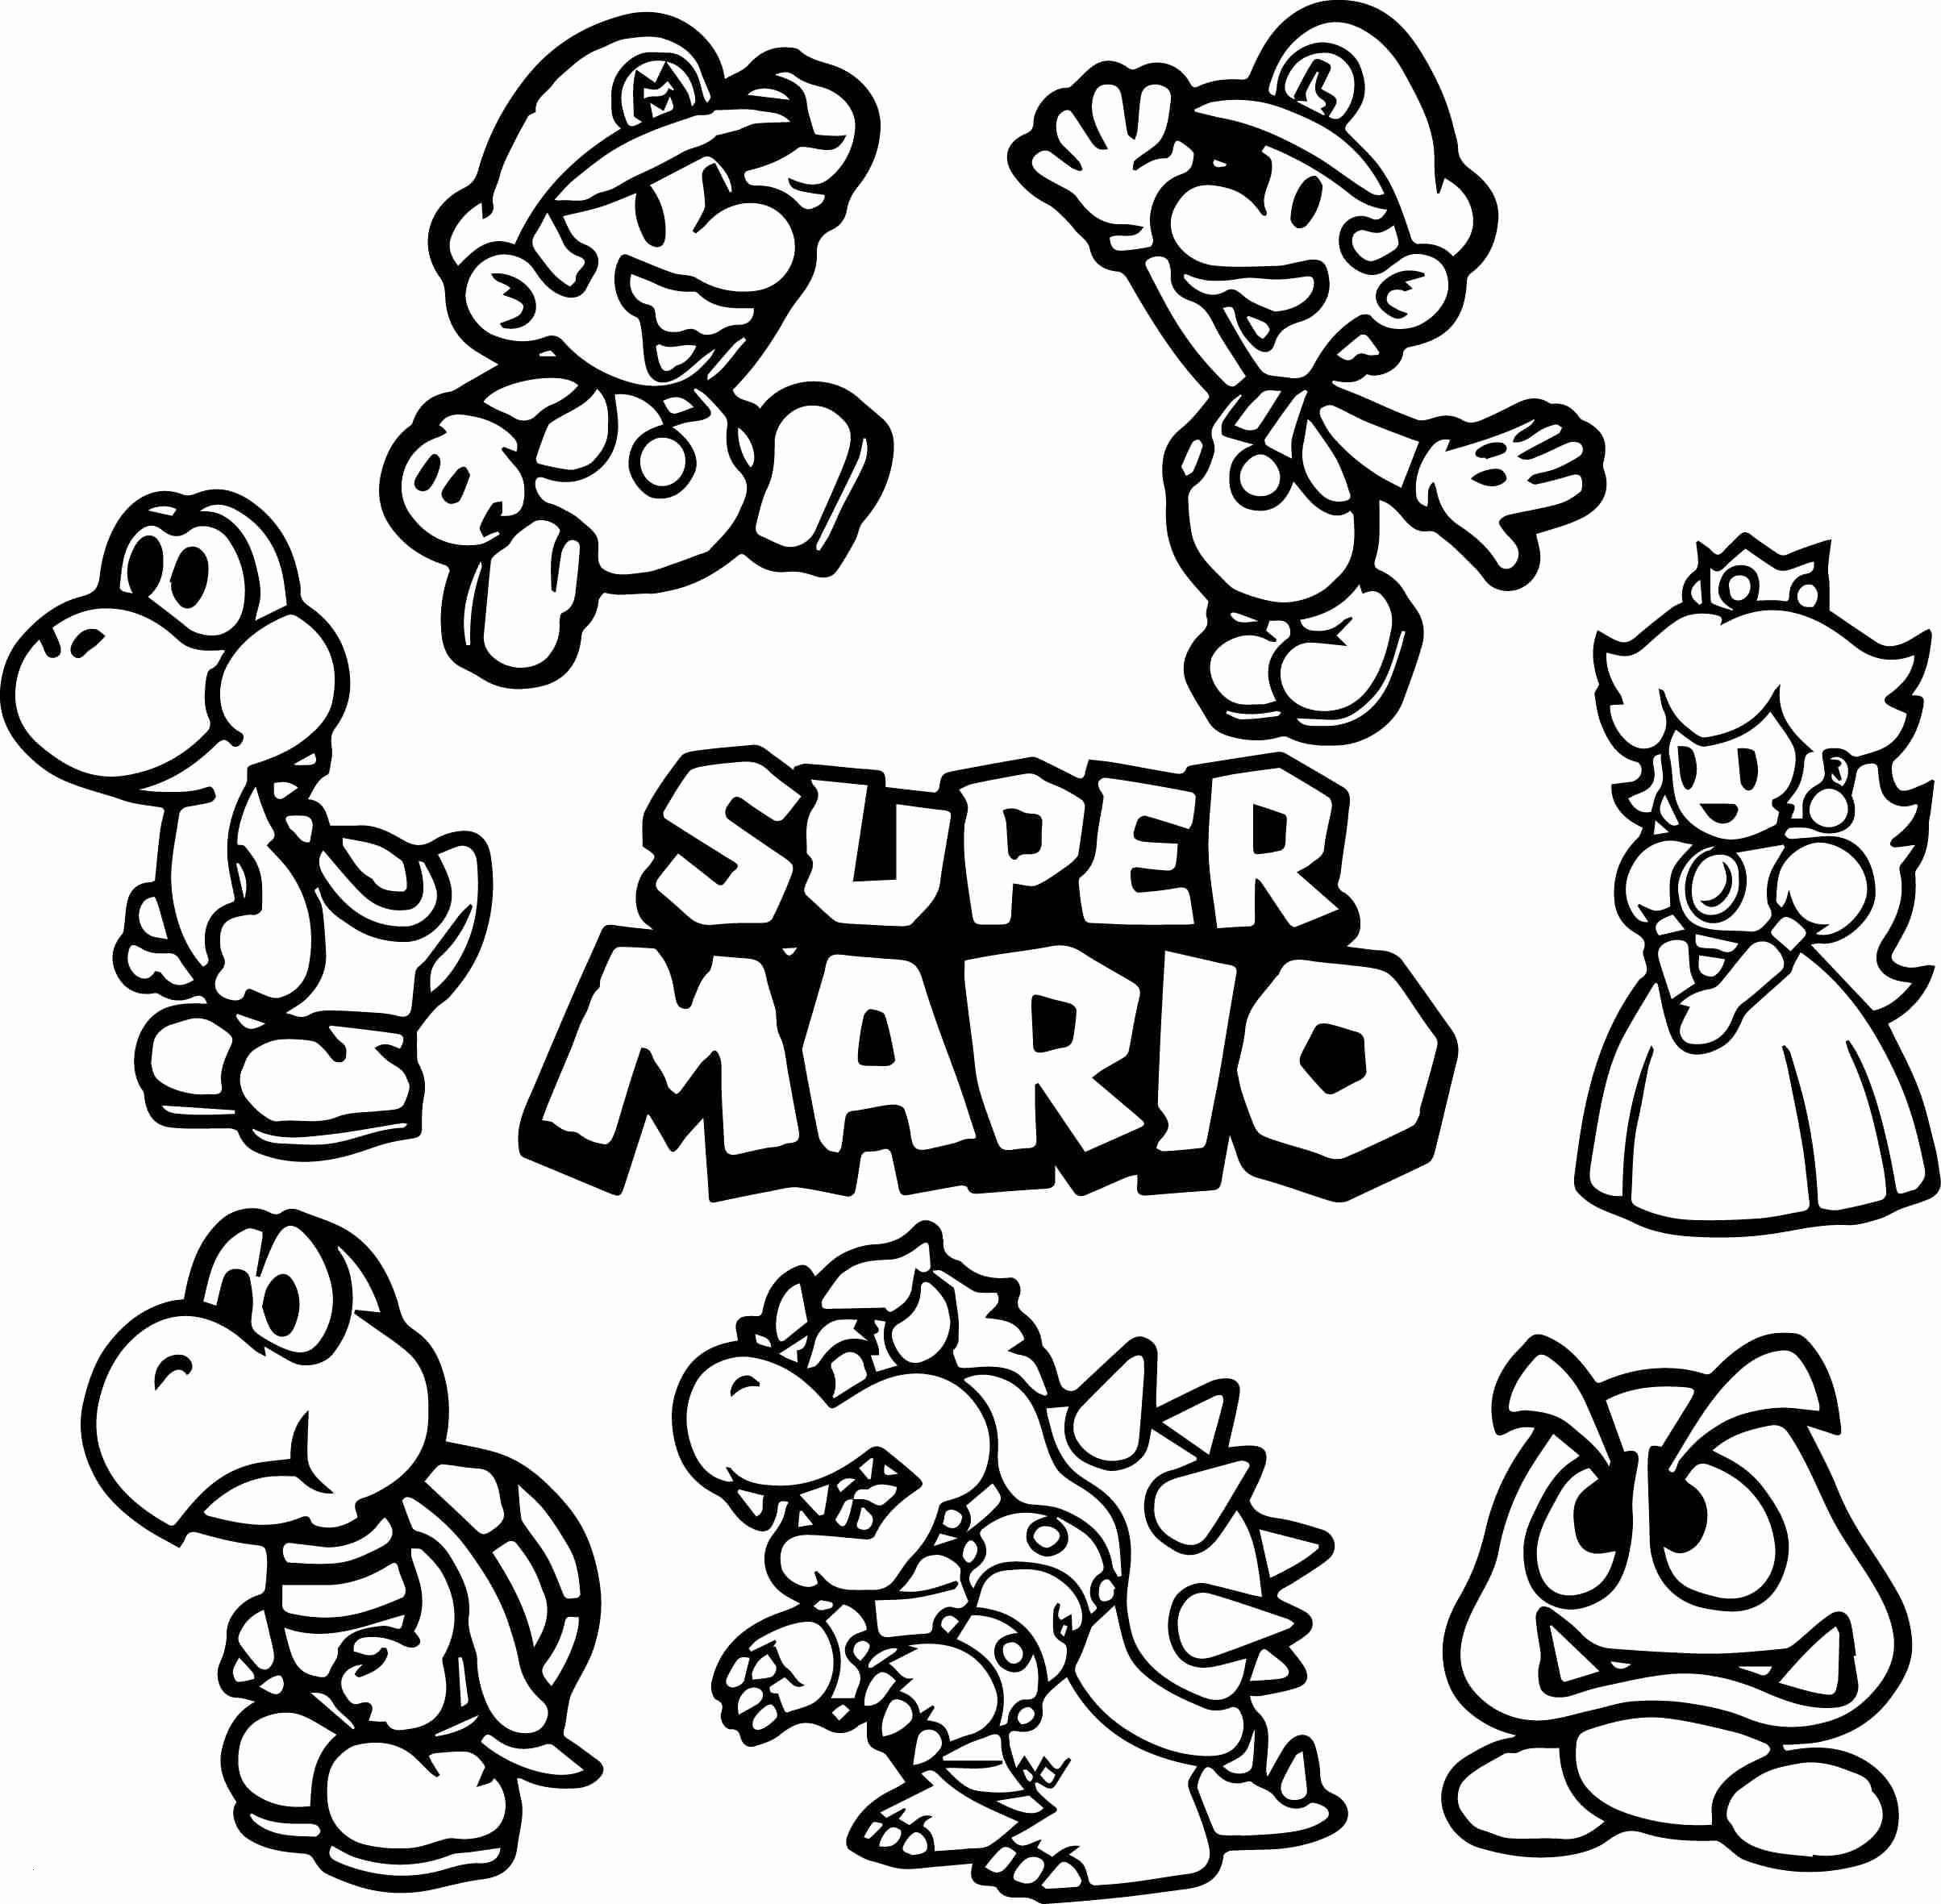 Ausmalbilder Mario Kart Einzigartig 37 Super Mario Kart Ausmalbilder Scoredatscore Schön Baby Mario Bild